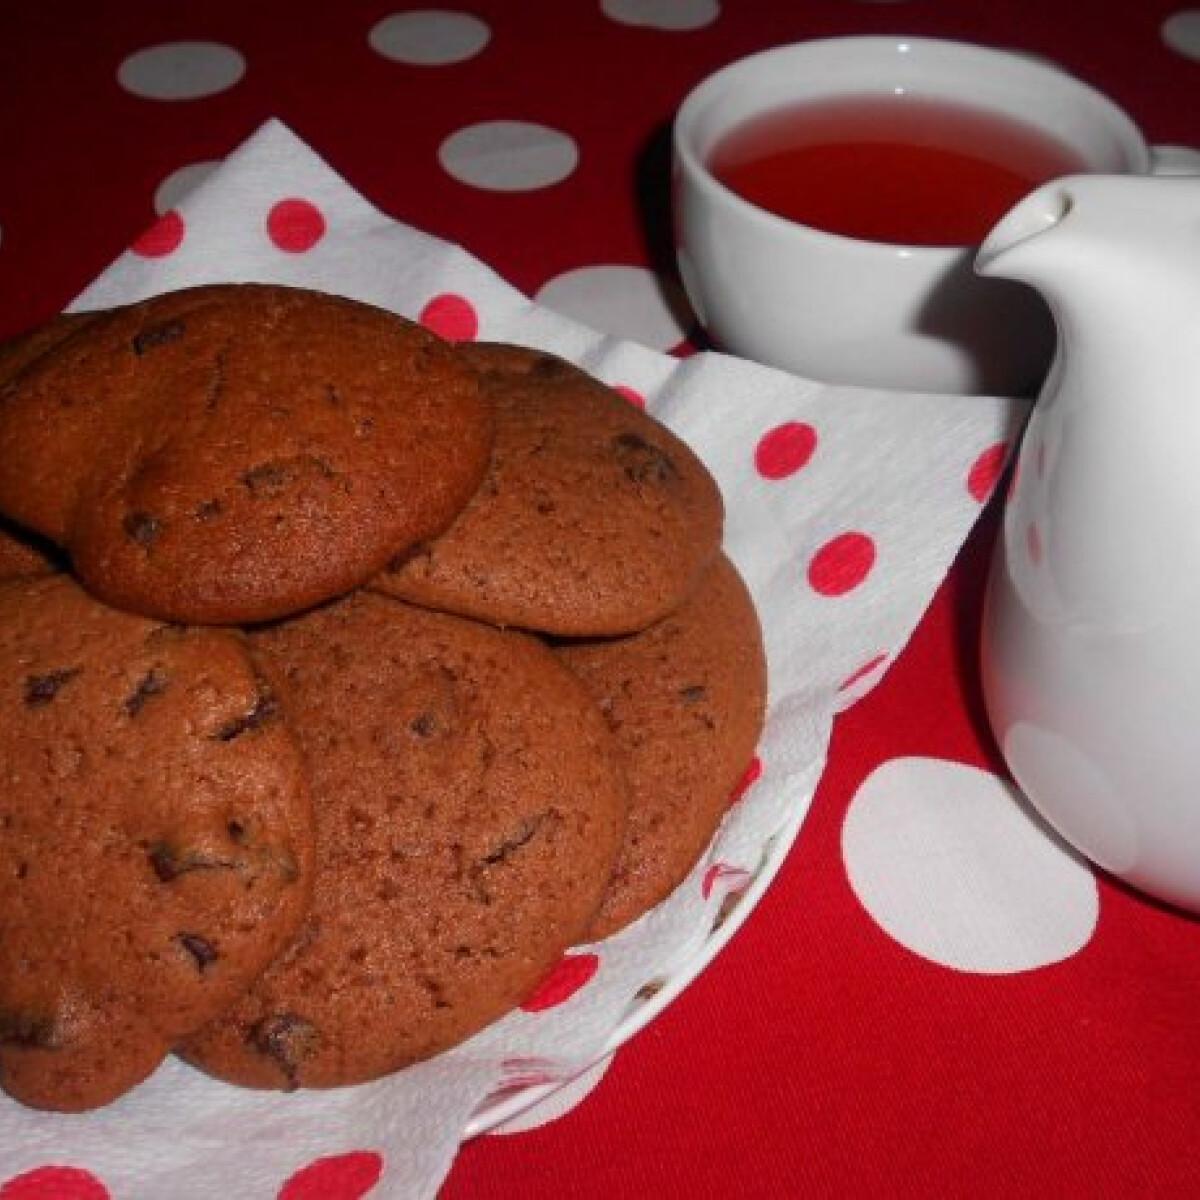 Diós-csokoládés cookies